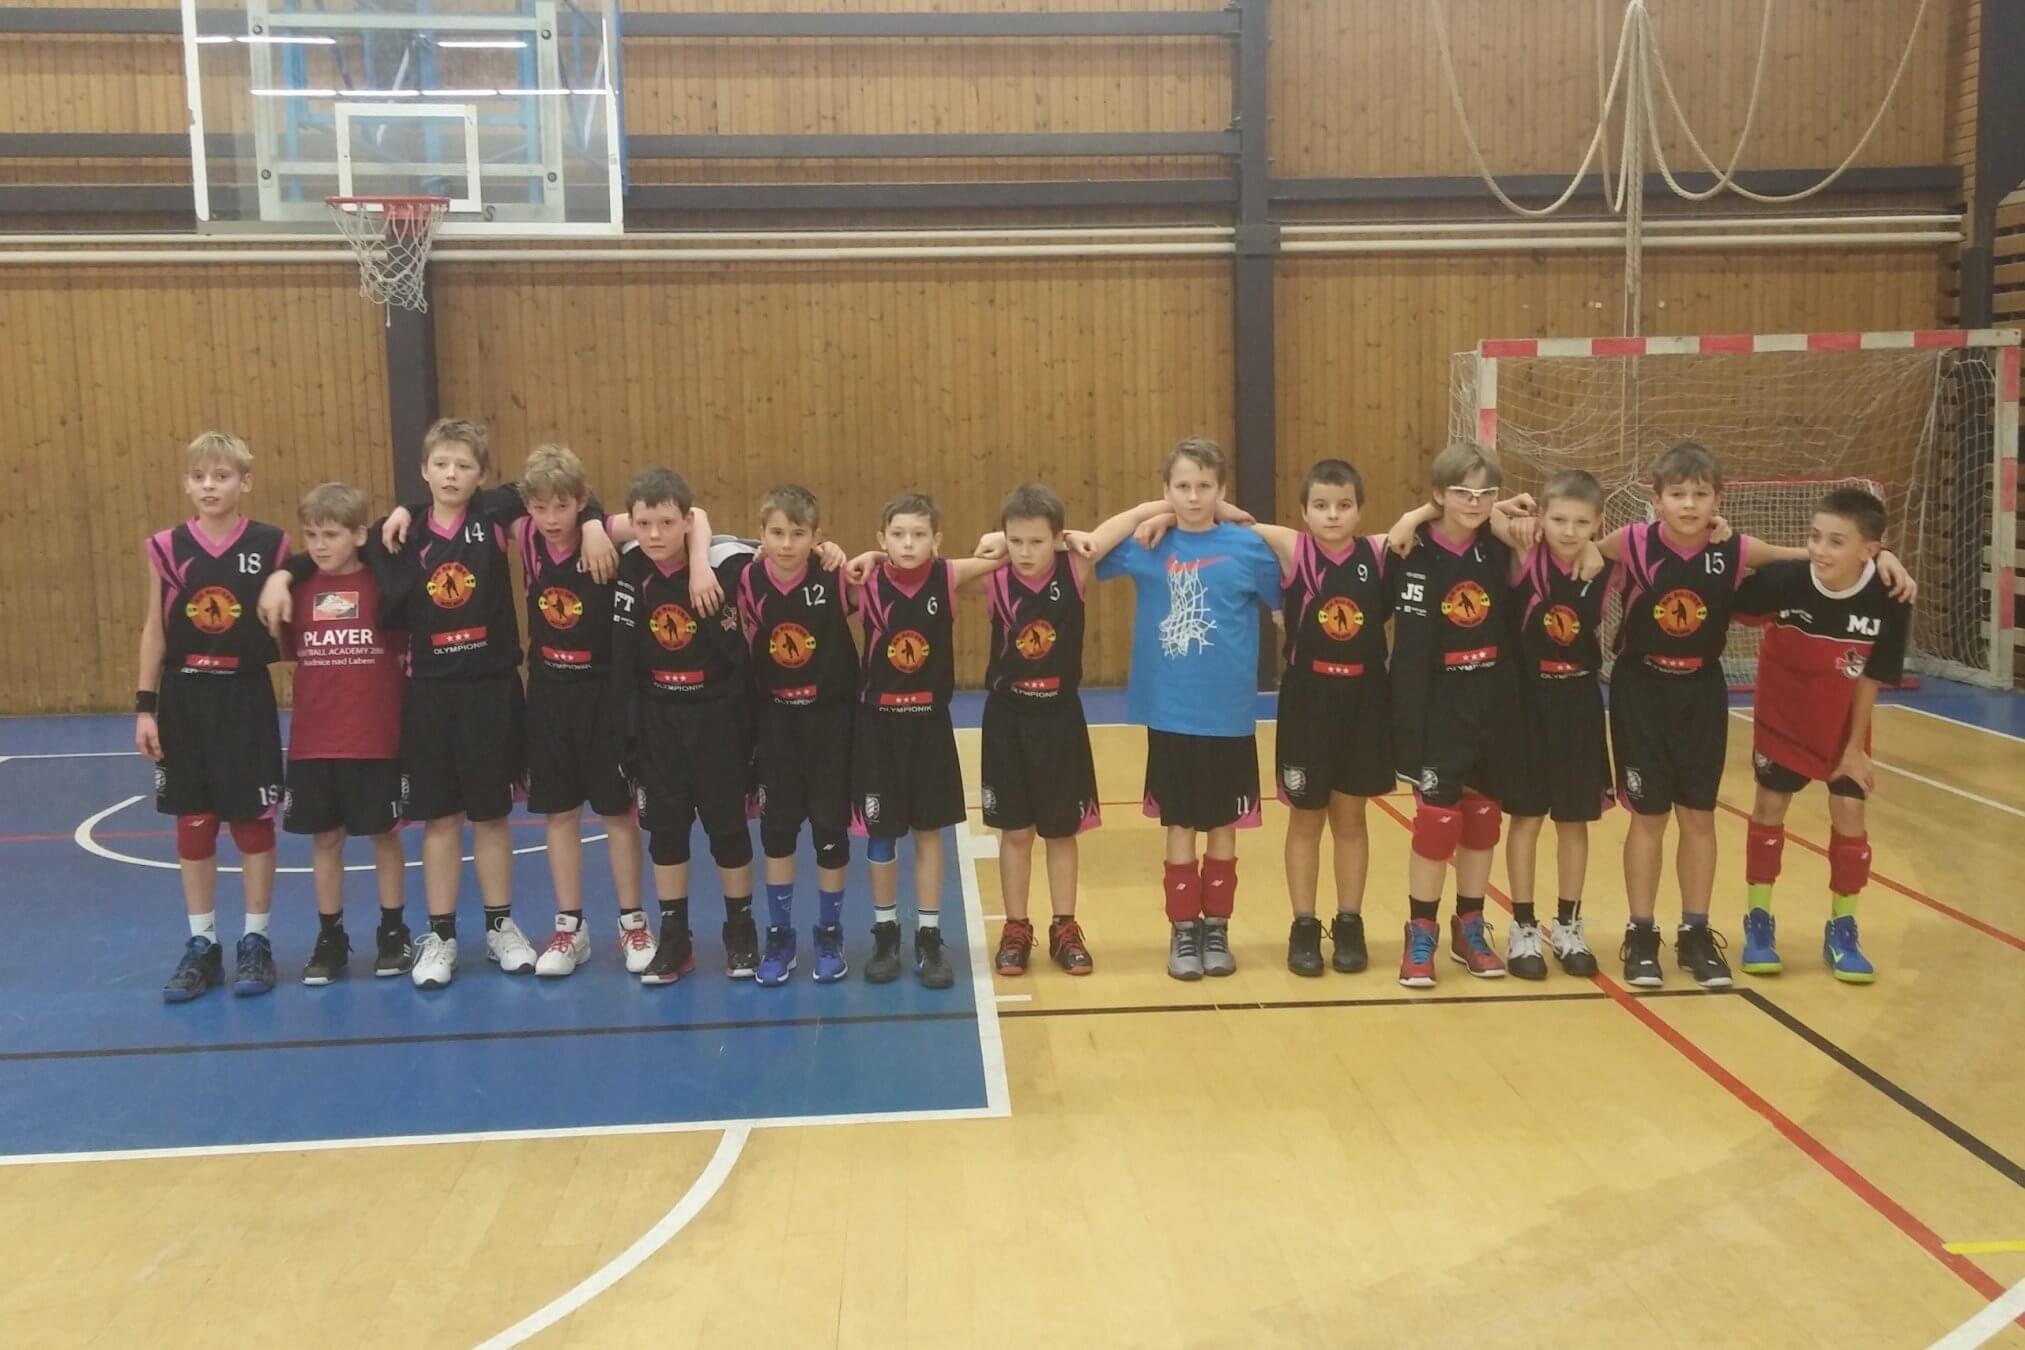 Družstvo U12 absolvovalo mezinárodního turnaj v Brandýse